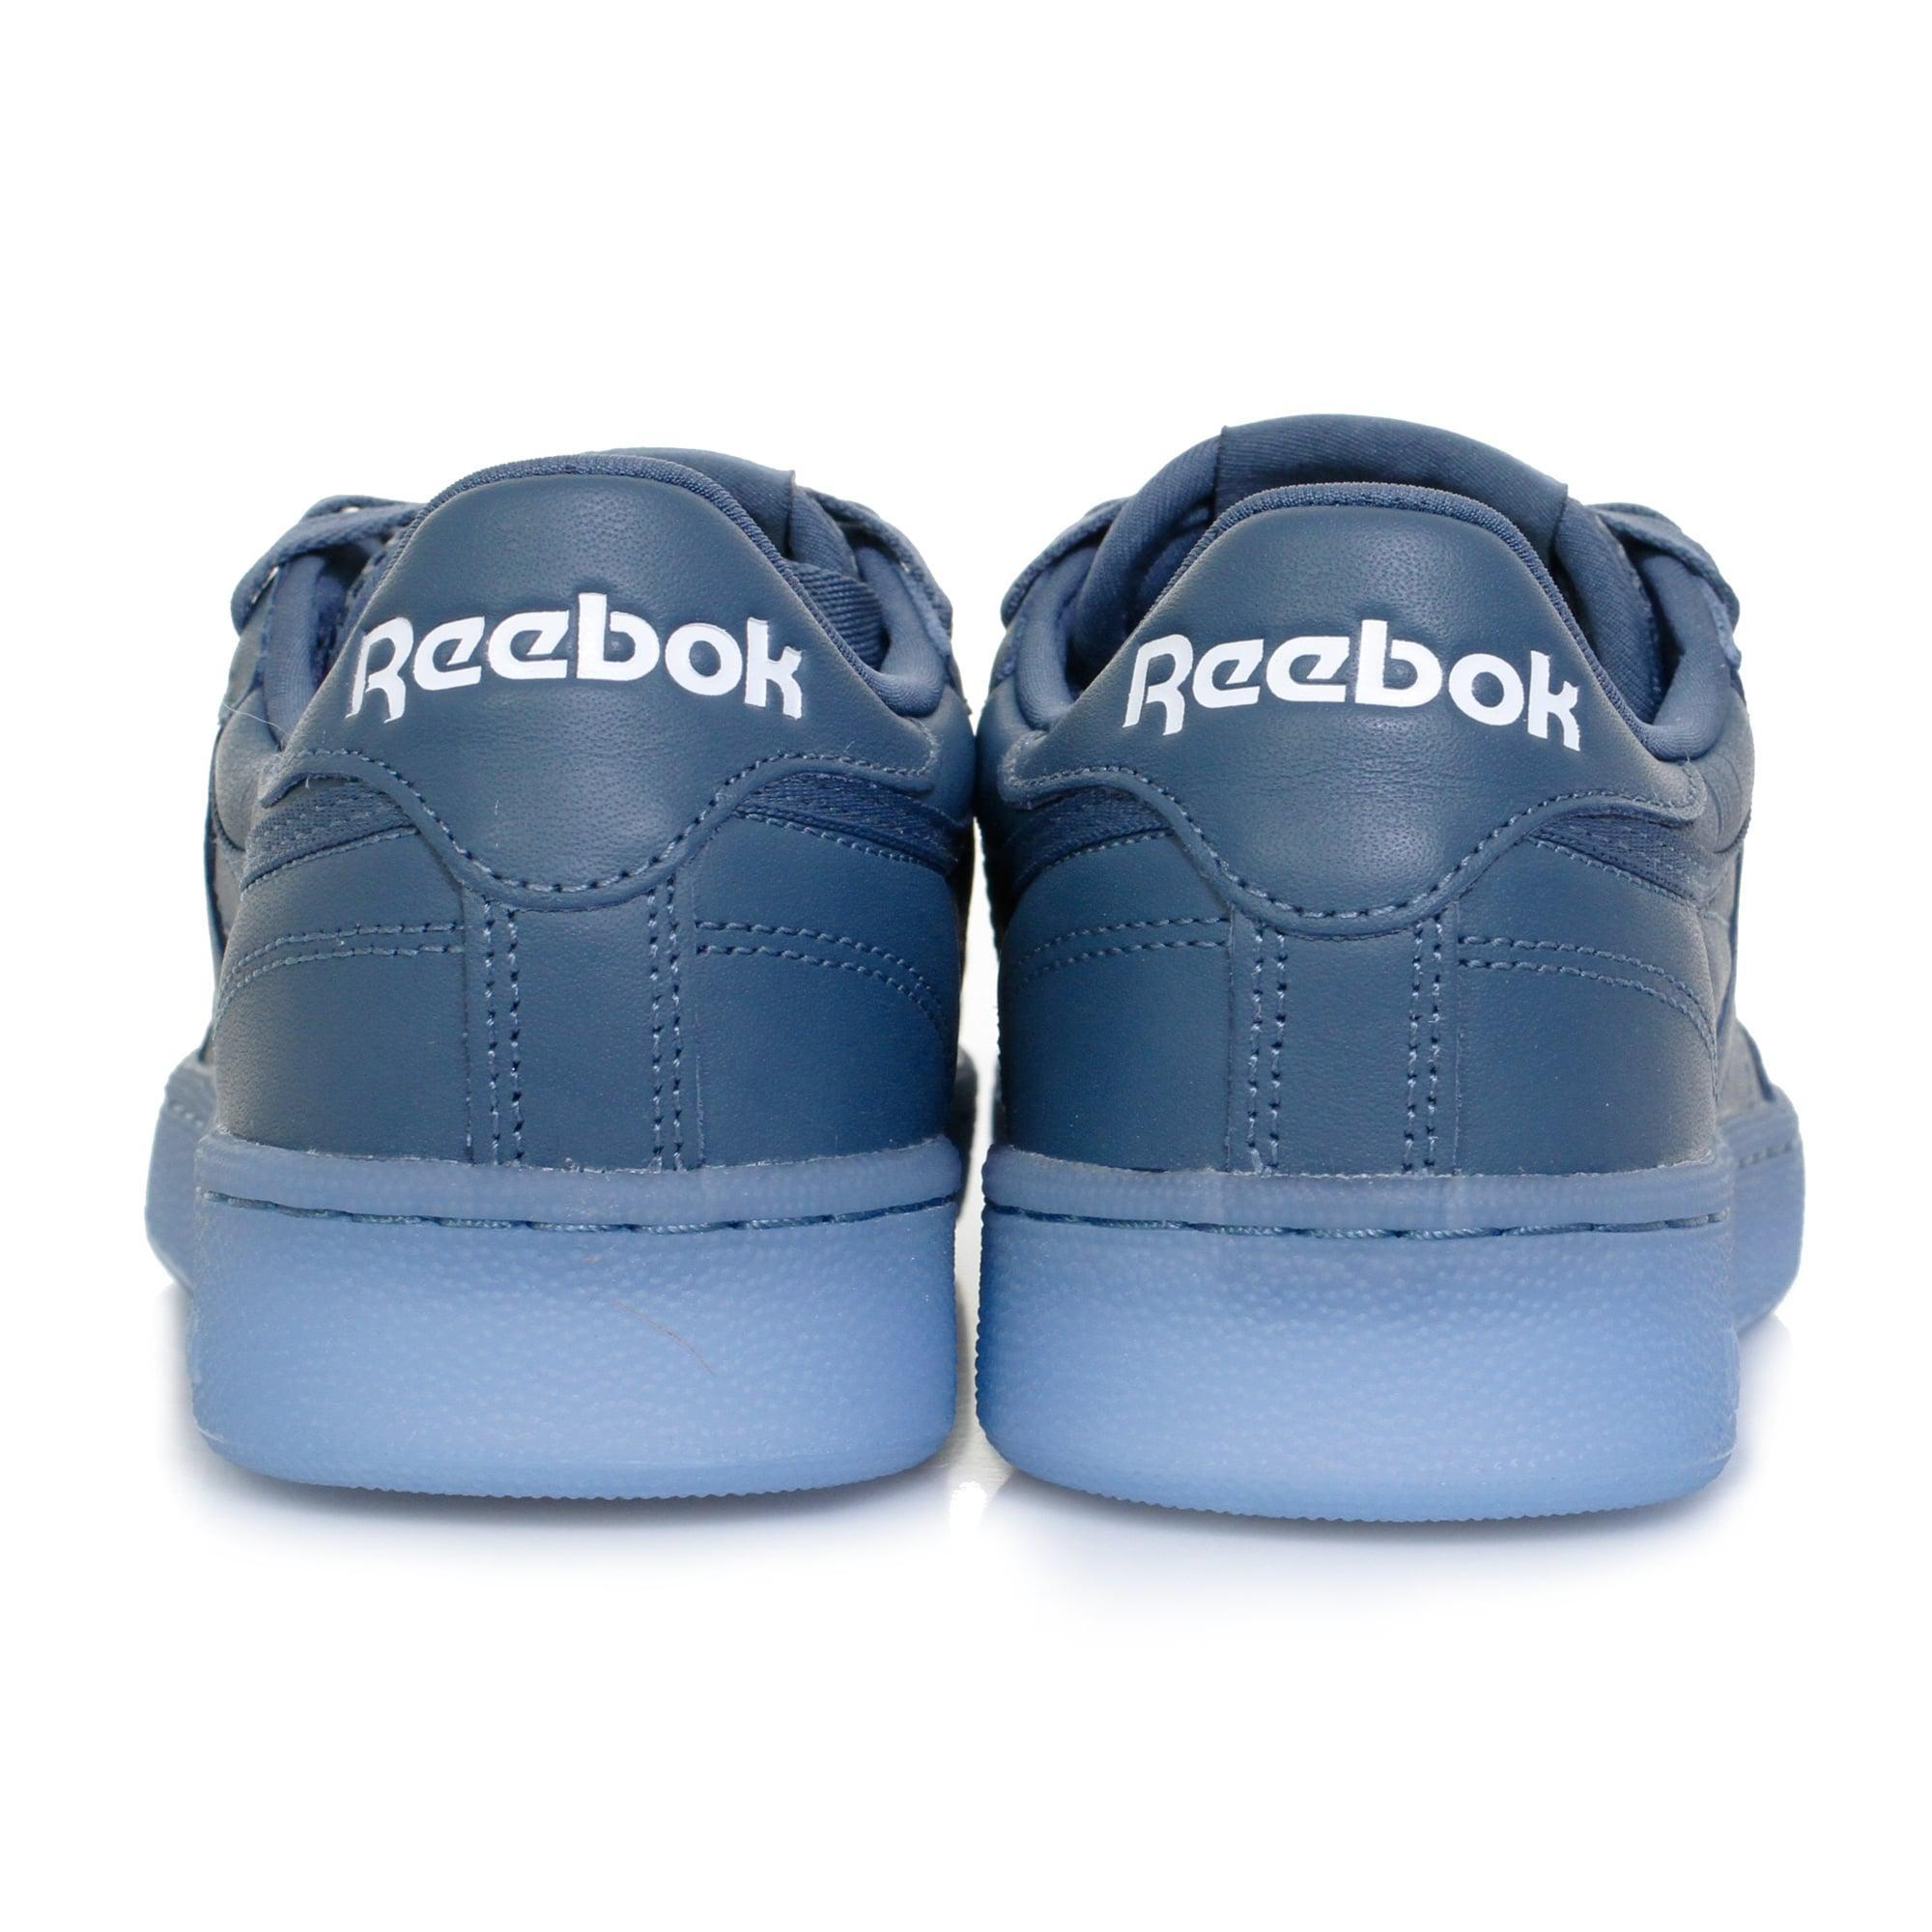 26a3af5b97a28 Lyst - Reebok Club C85 Ice Blue Shoe Bd1672 in Blue for Men